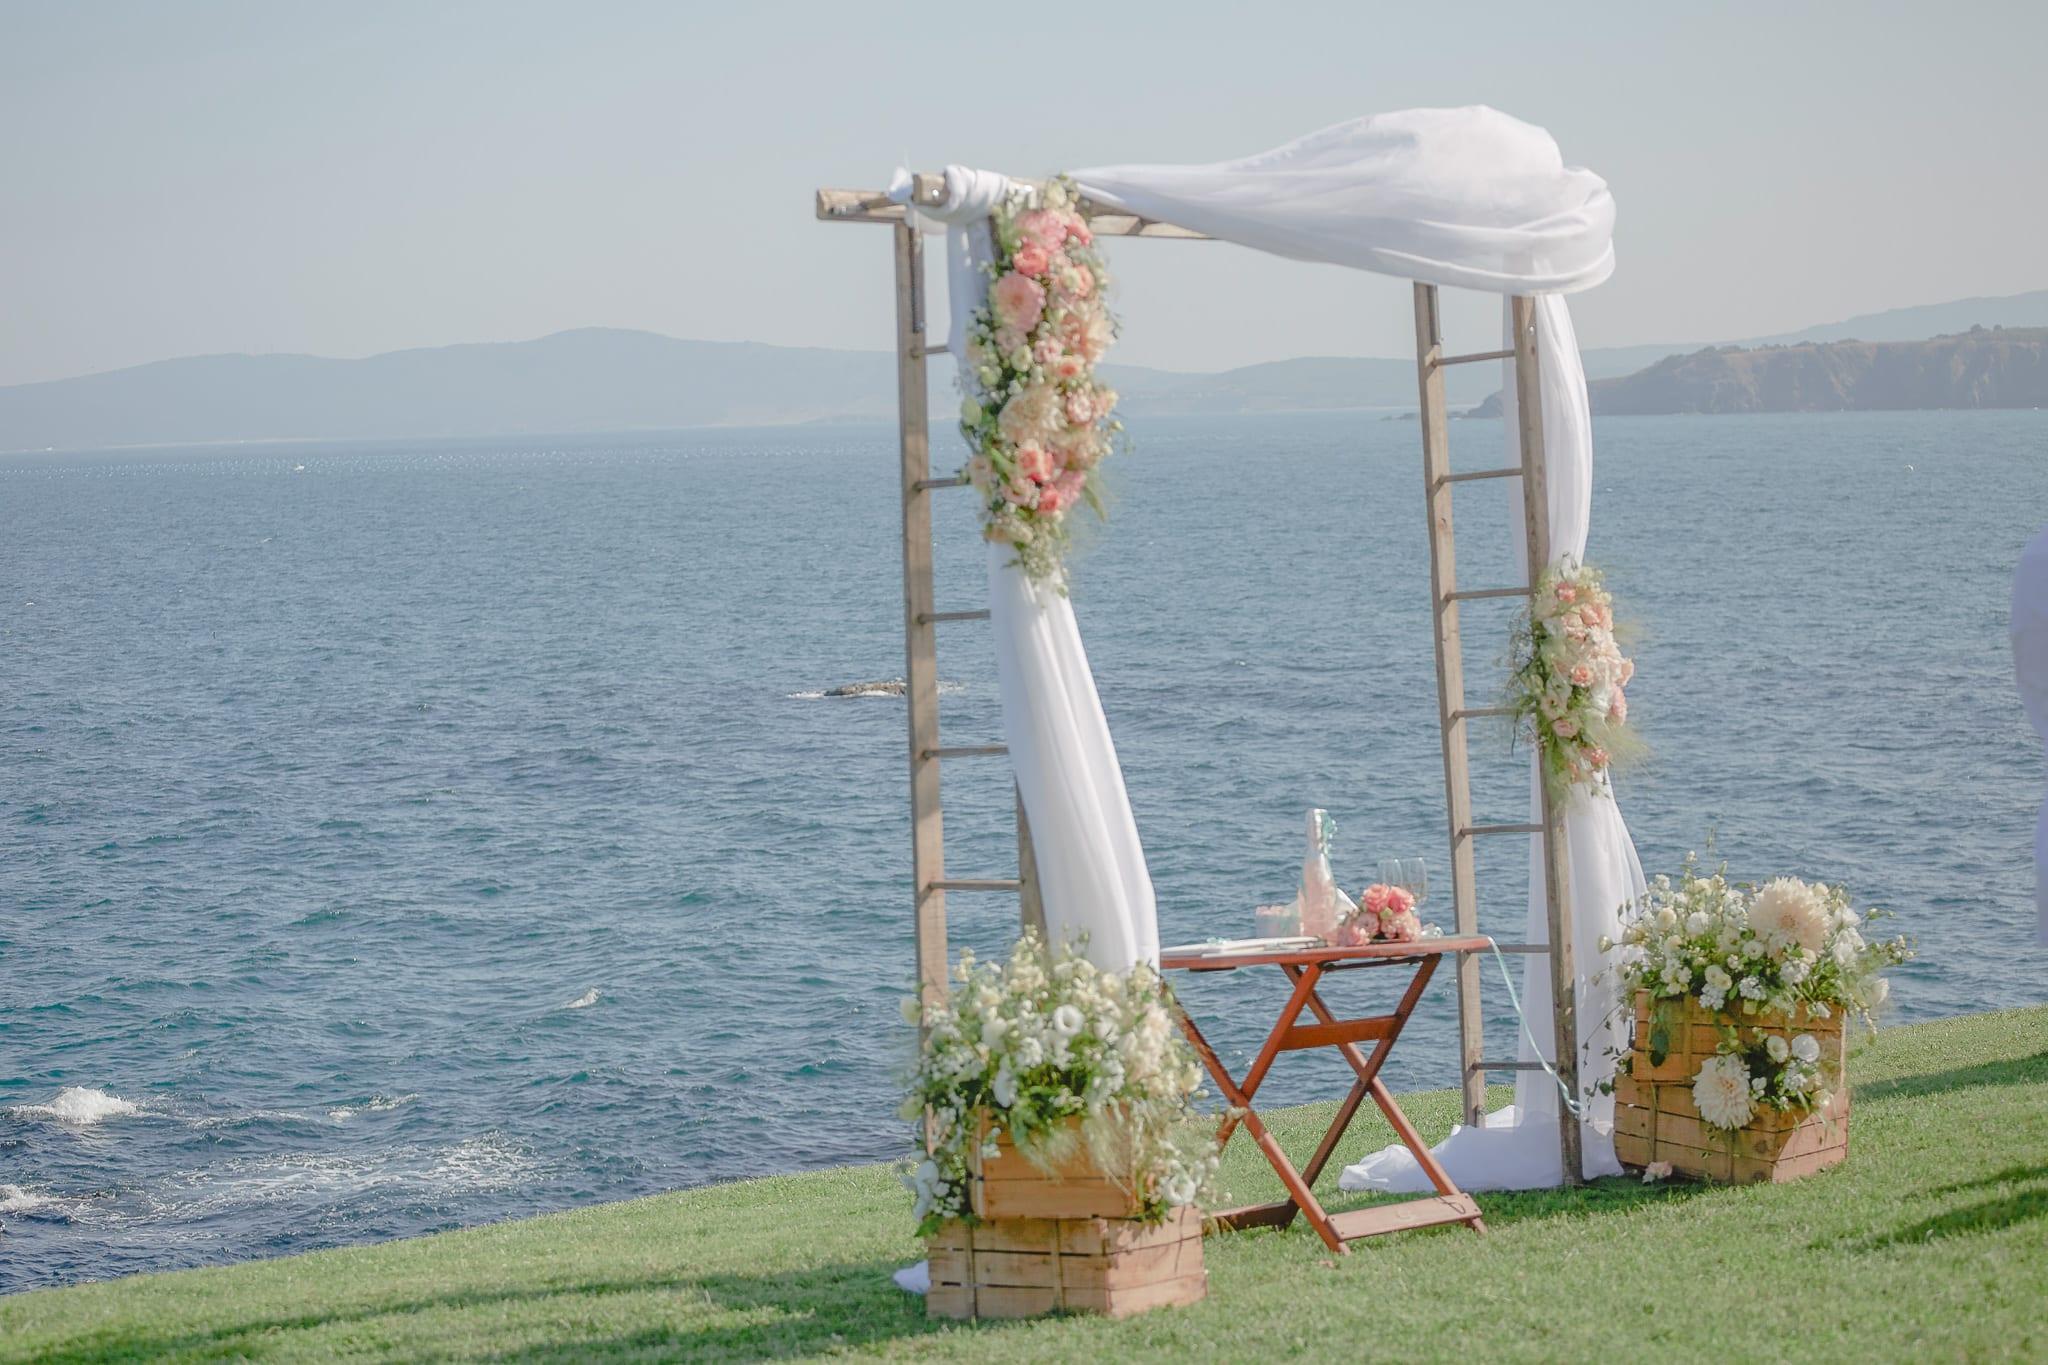 романтична акра с цветя, сватба на морето, декорация на сватбена агенция Приказен ден, сватбен агент Мариела Уилсън